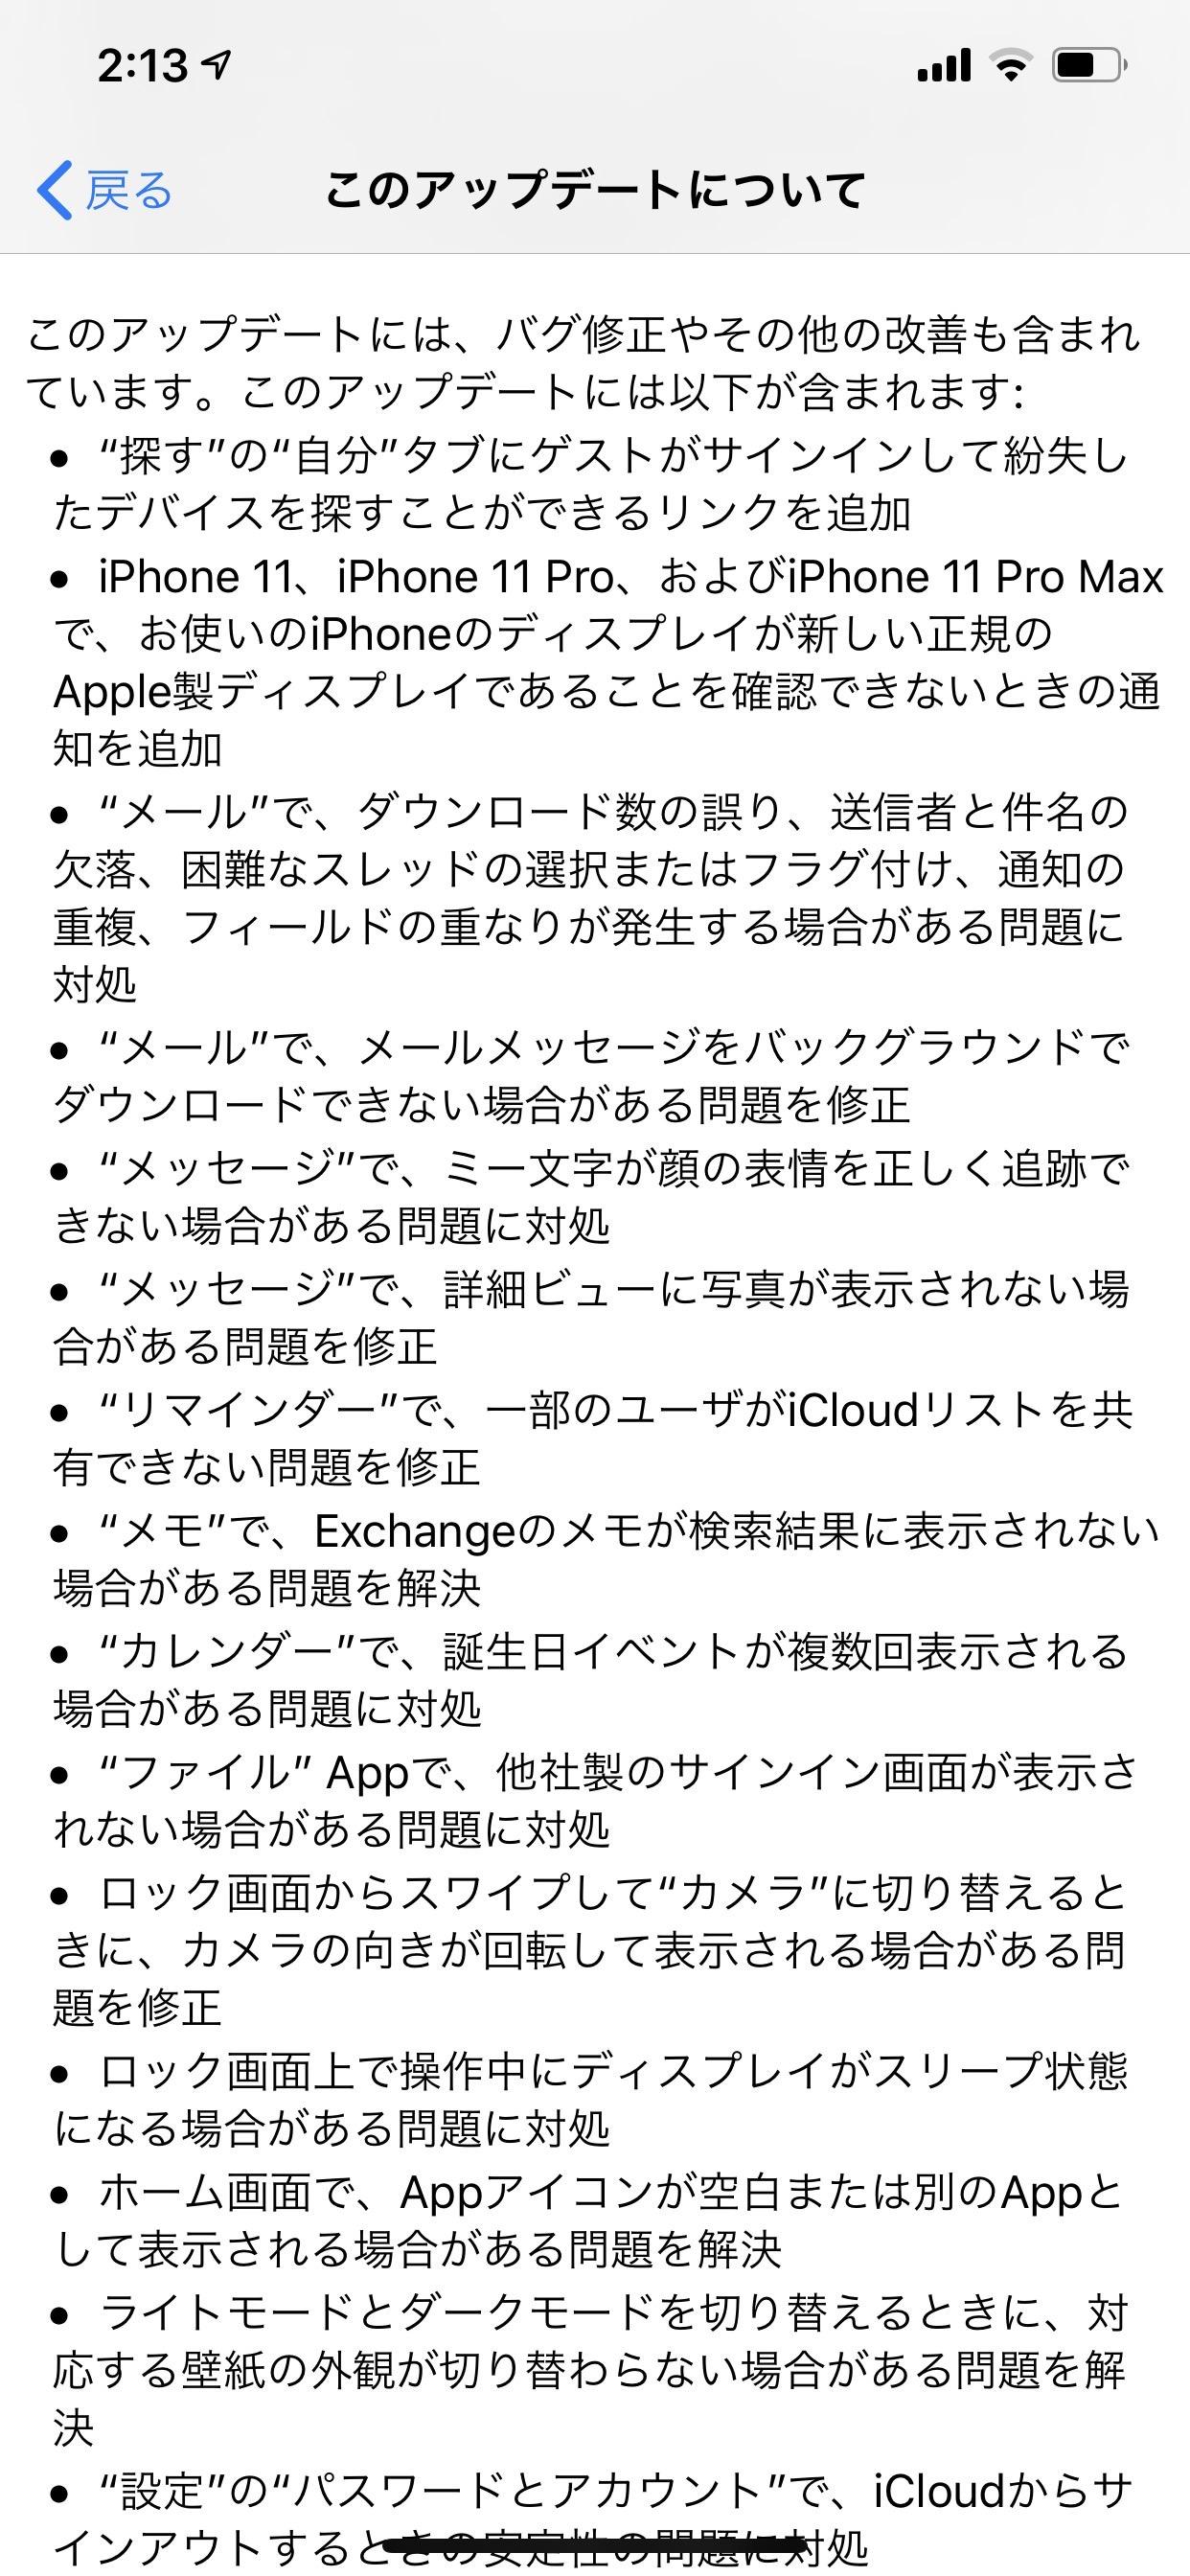 様々な機能改善とバグ修正が含まれる「iOS 13.1 ソフトウェア・アップデート」リリース